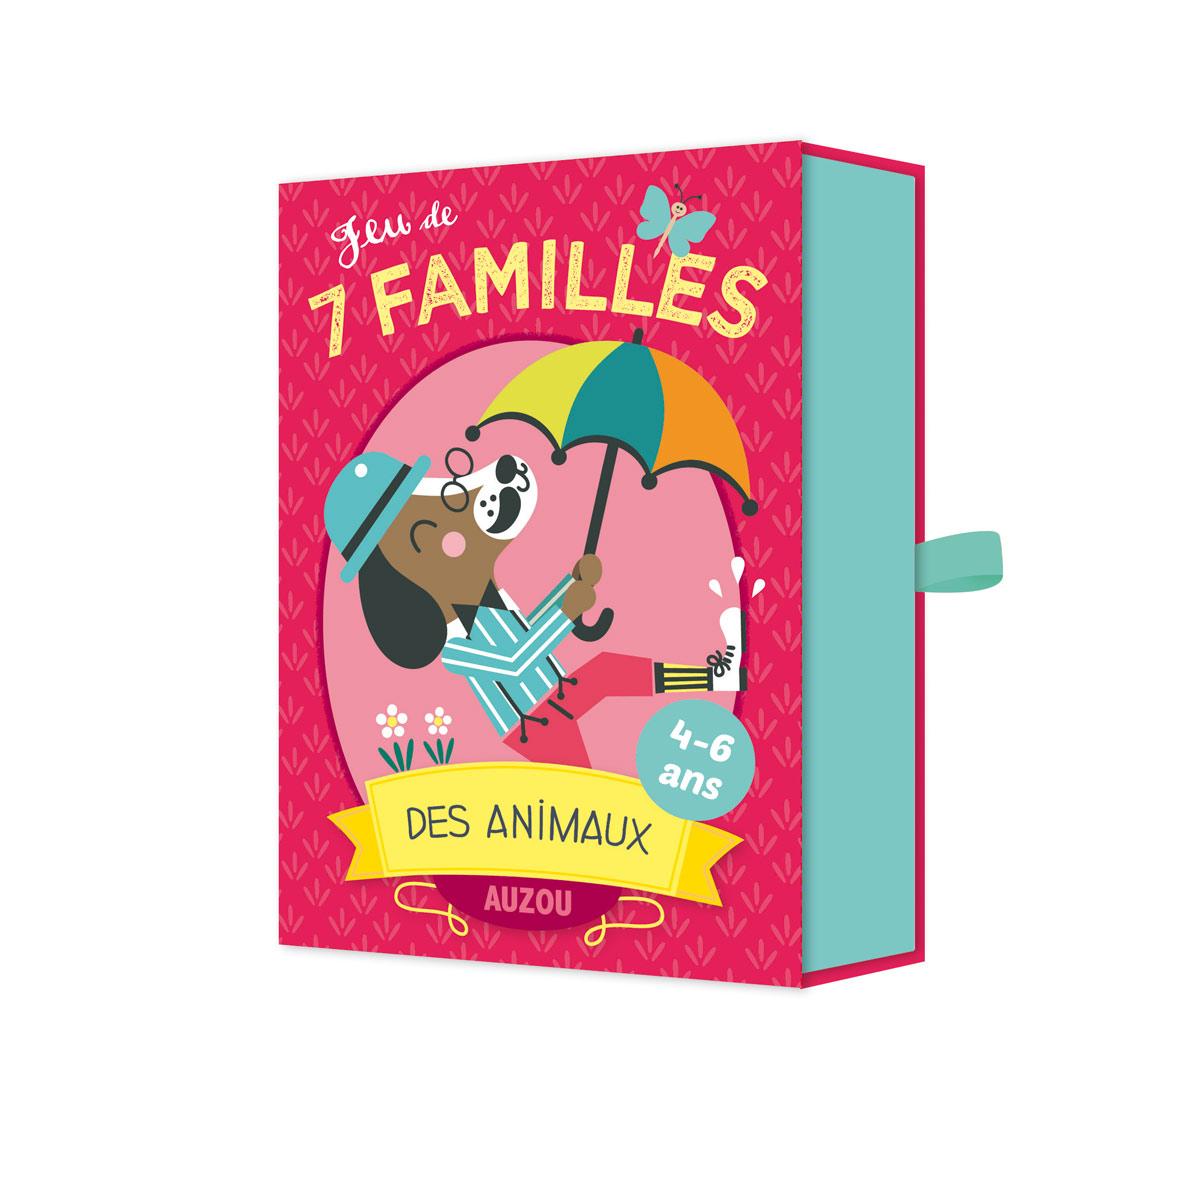 Jeu De 7 Familles Des Animaux avec Jeux Pour Petit De 4 Ans